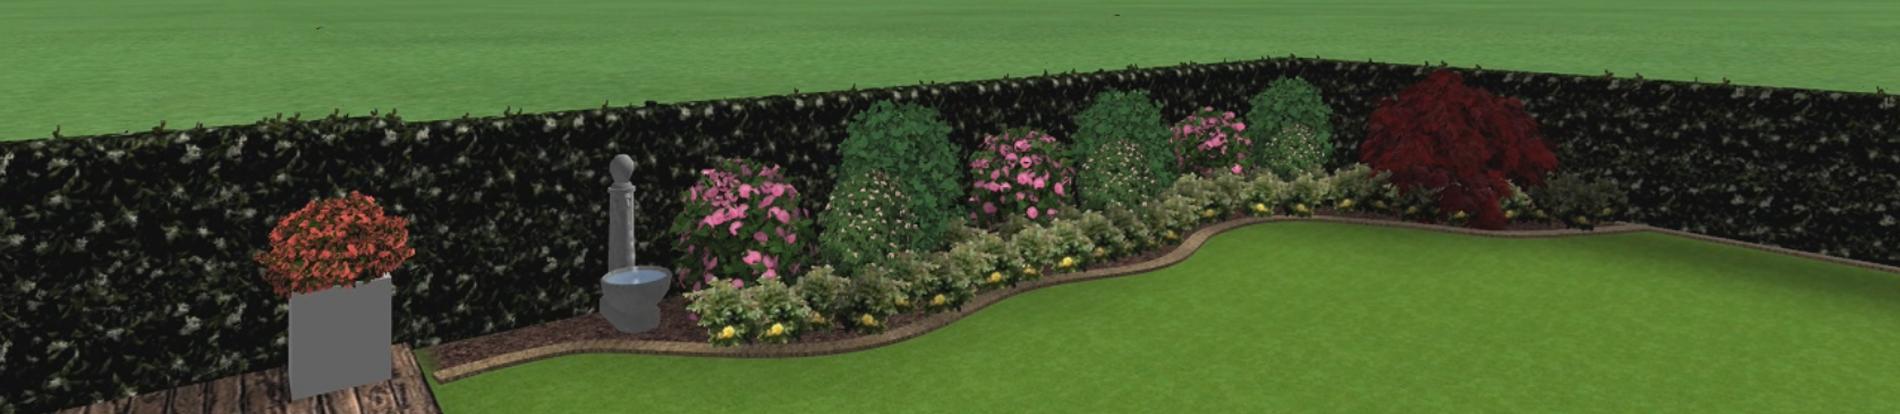 Rendering giardino privato verdeblu giardini for Rendering giardino